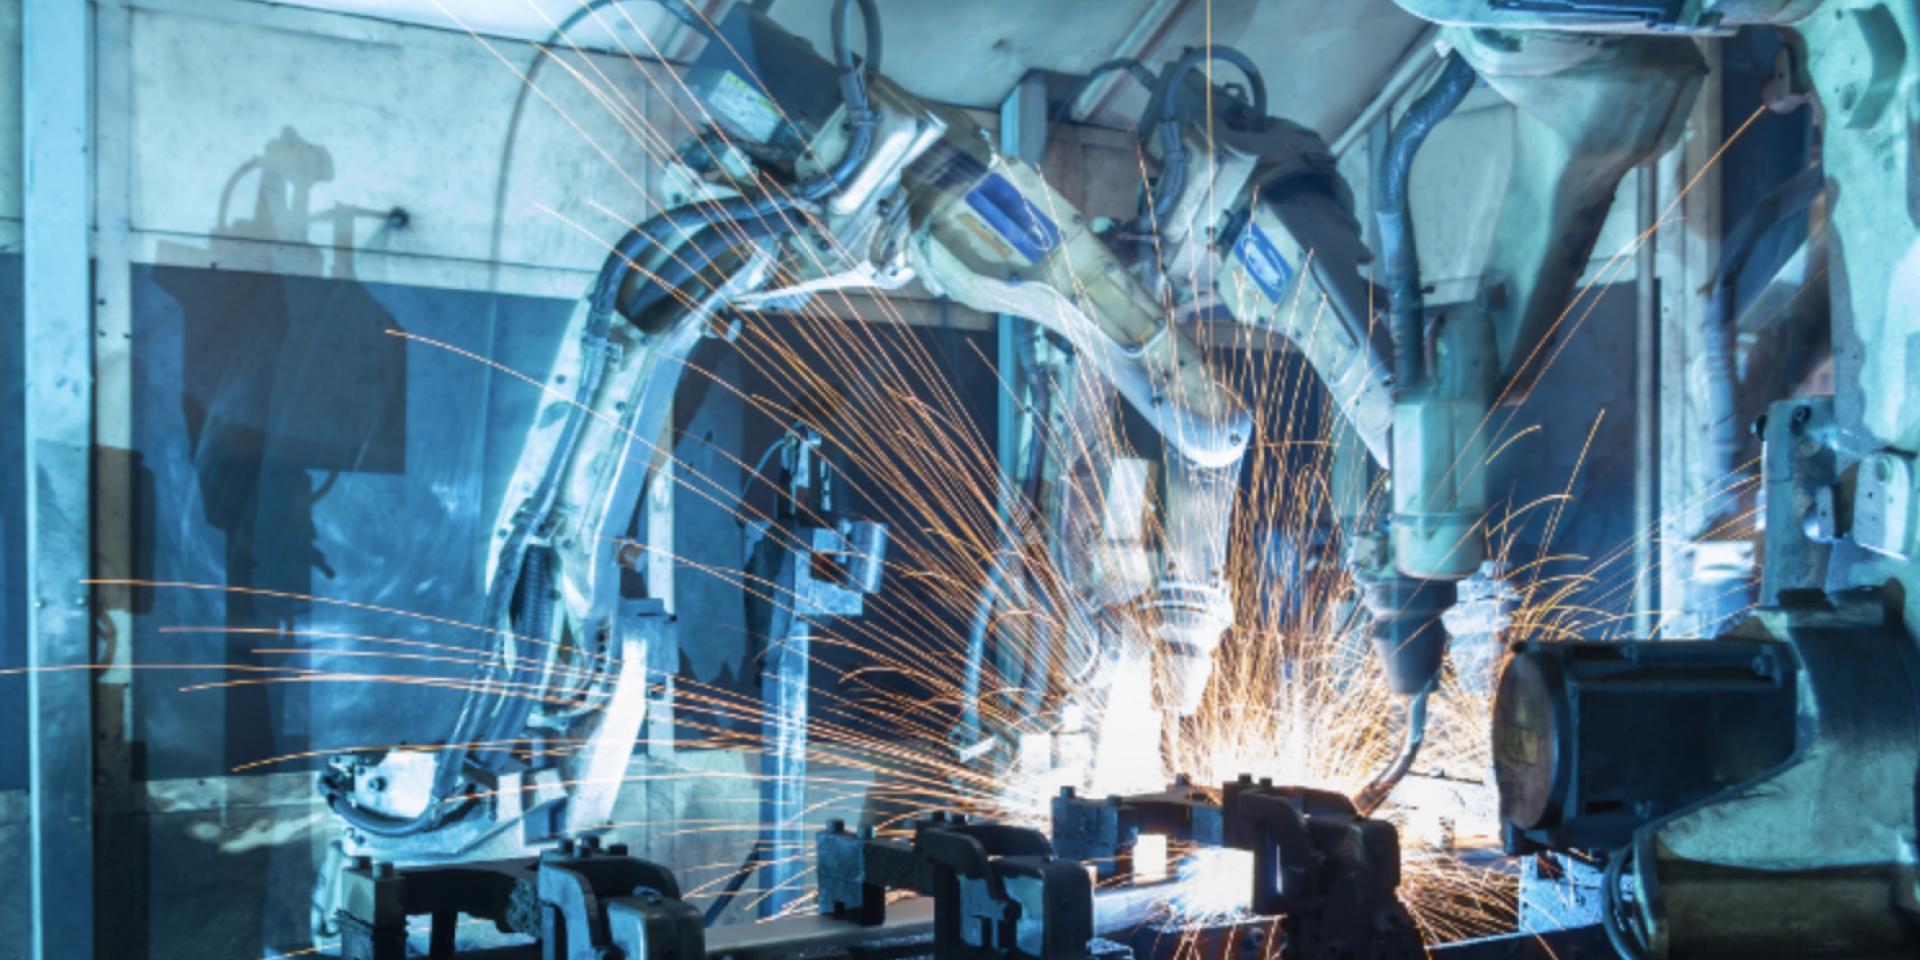 industria-4.0-revolucion-digital